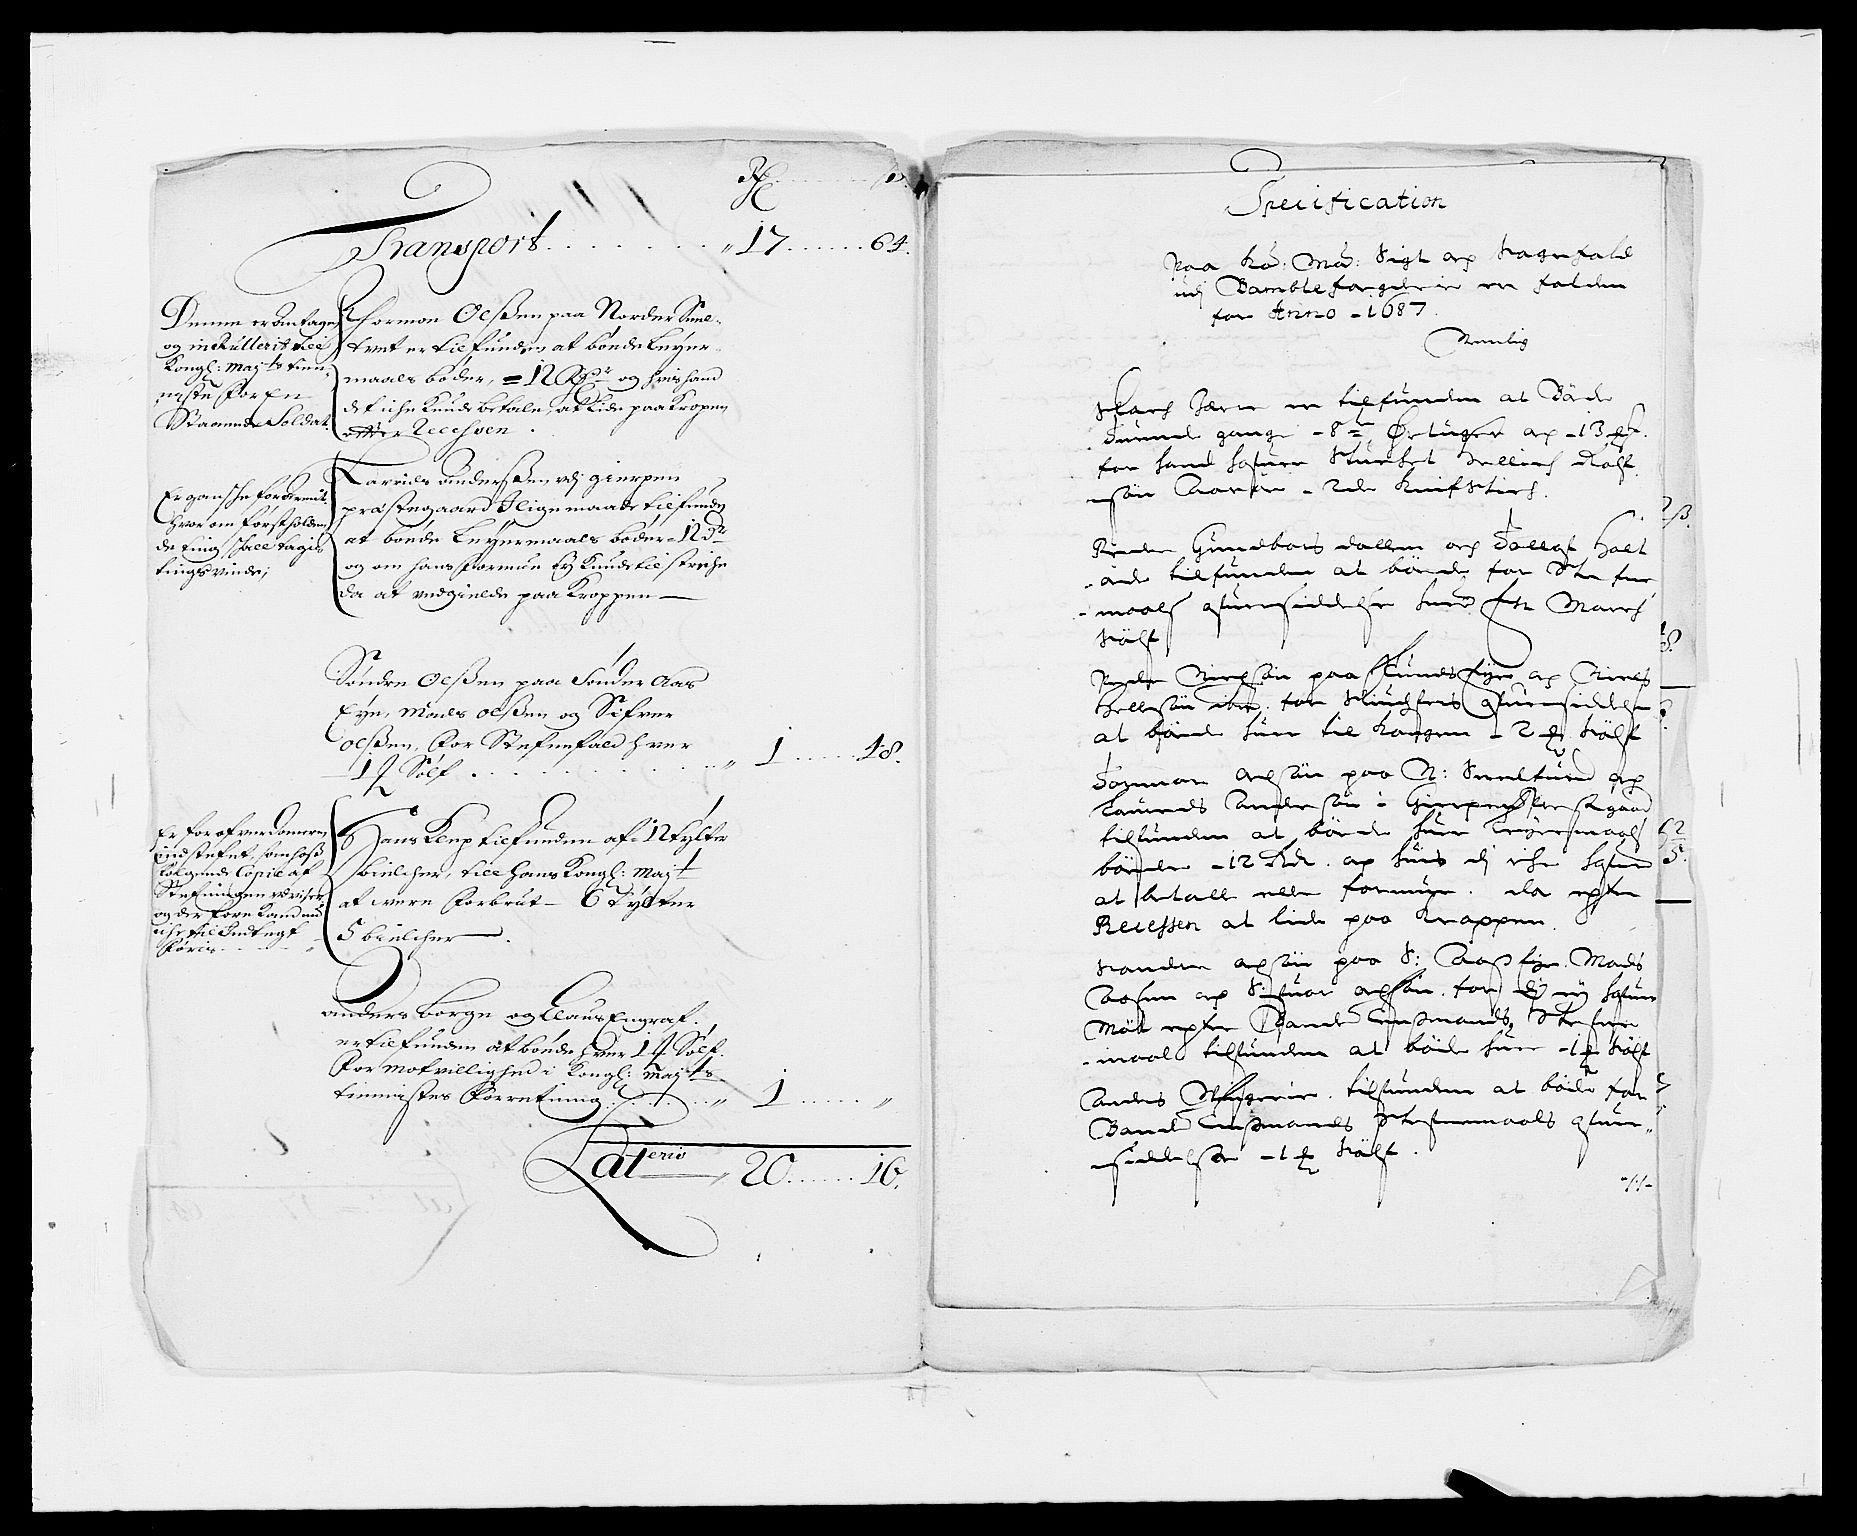 RA, Rentekammeret inntil 1814, Reviderte regnskaper, Fogderegnskap, R34/L2049: Fogderegnskap Bamble, 1685-1687, s. 256